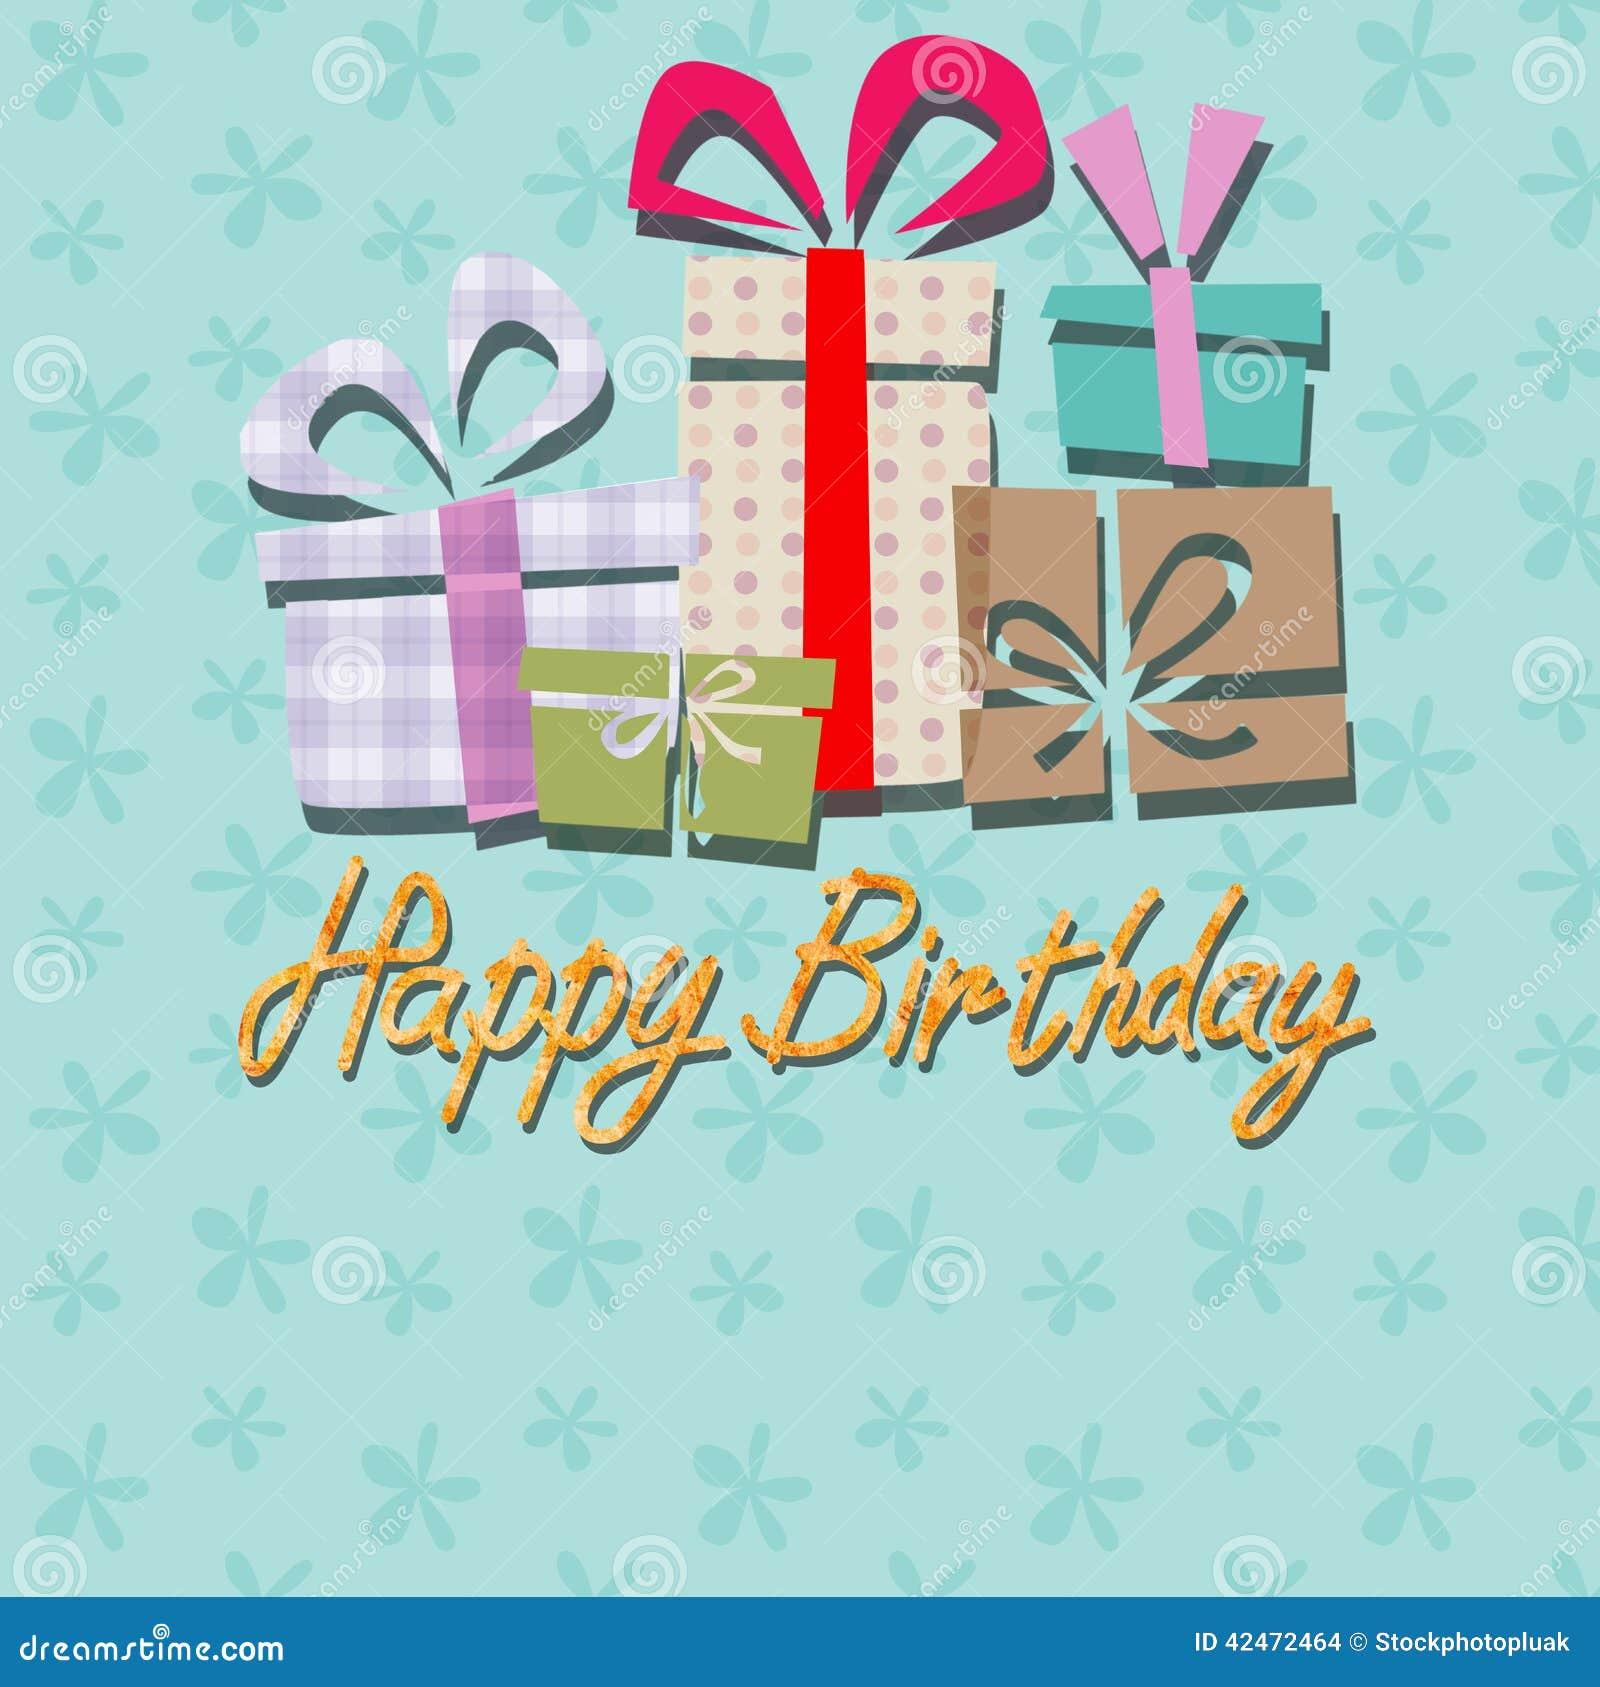 Alles Gute zum Geburtstag, kopierter Hintergrund der Handschrift Beschriftung